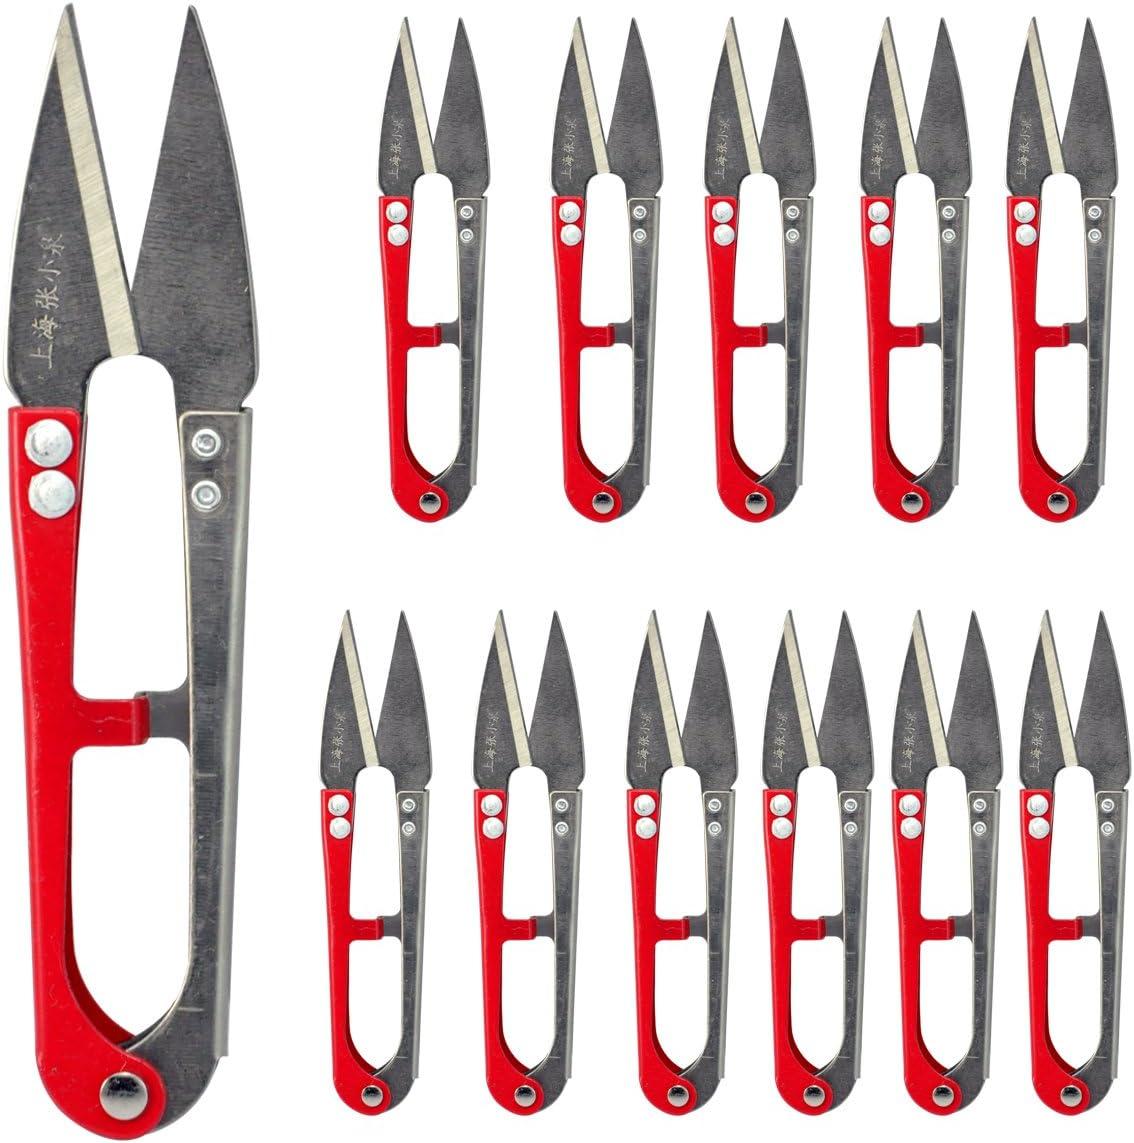 UCEC Sewing Scissors Zhang Scissor Mini New product! New type xiaoquan Cutter Free shipping